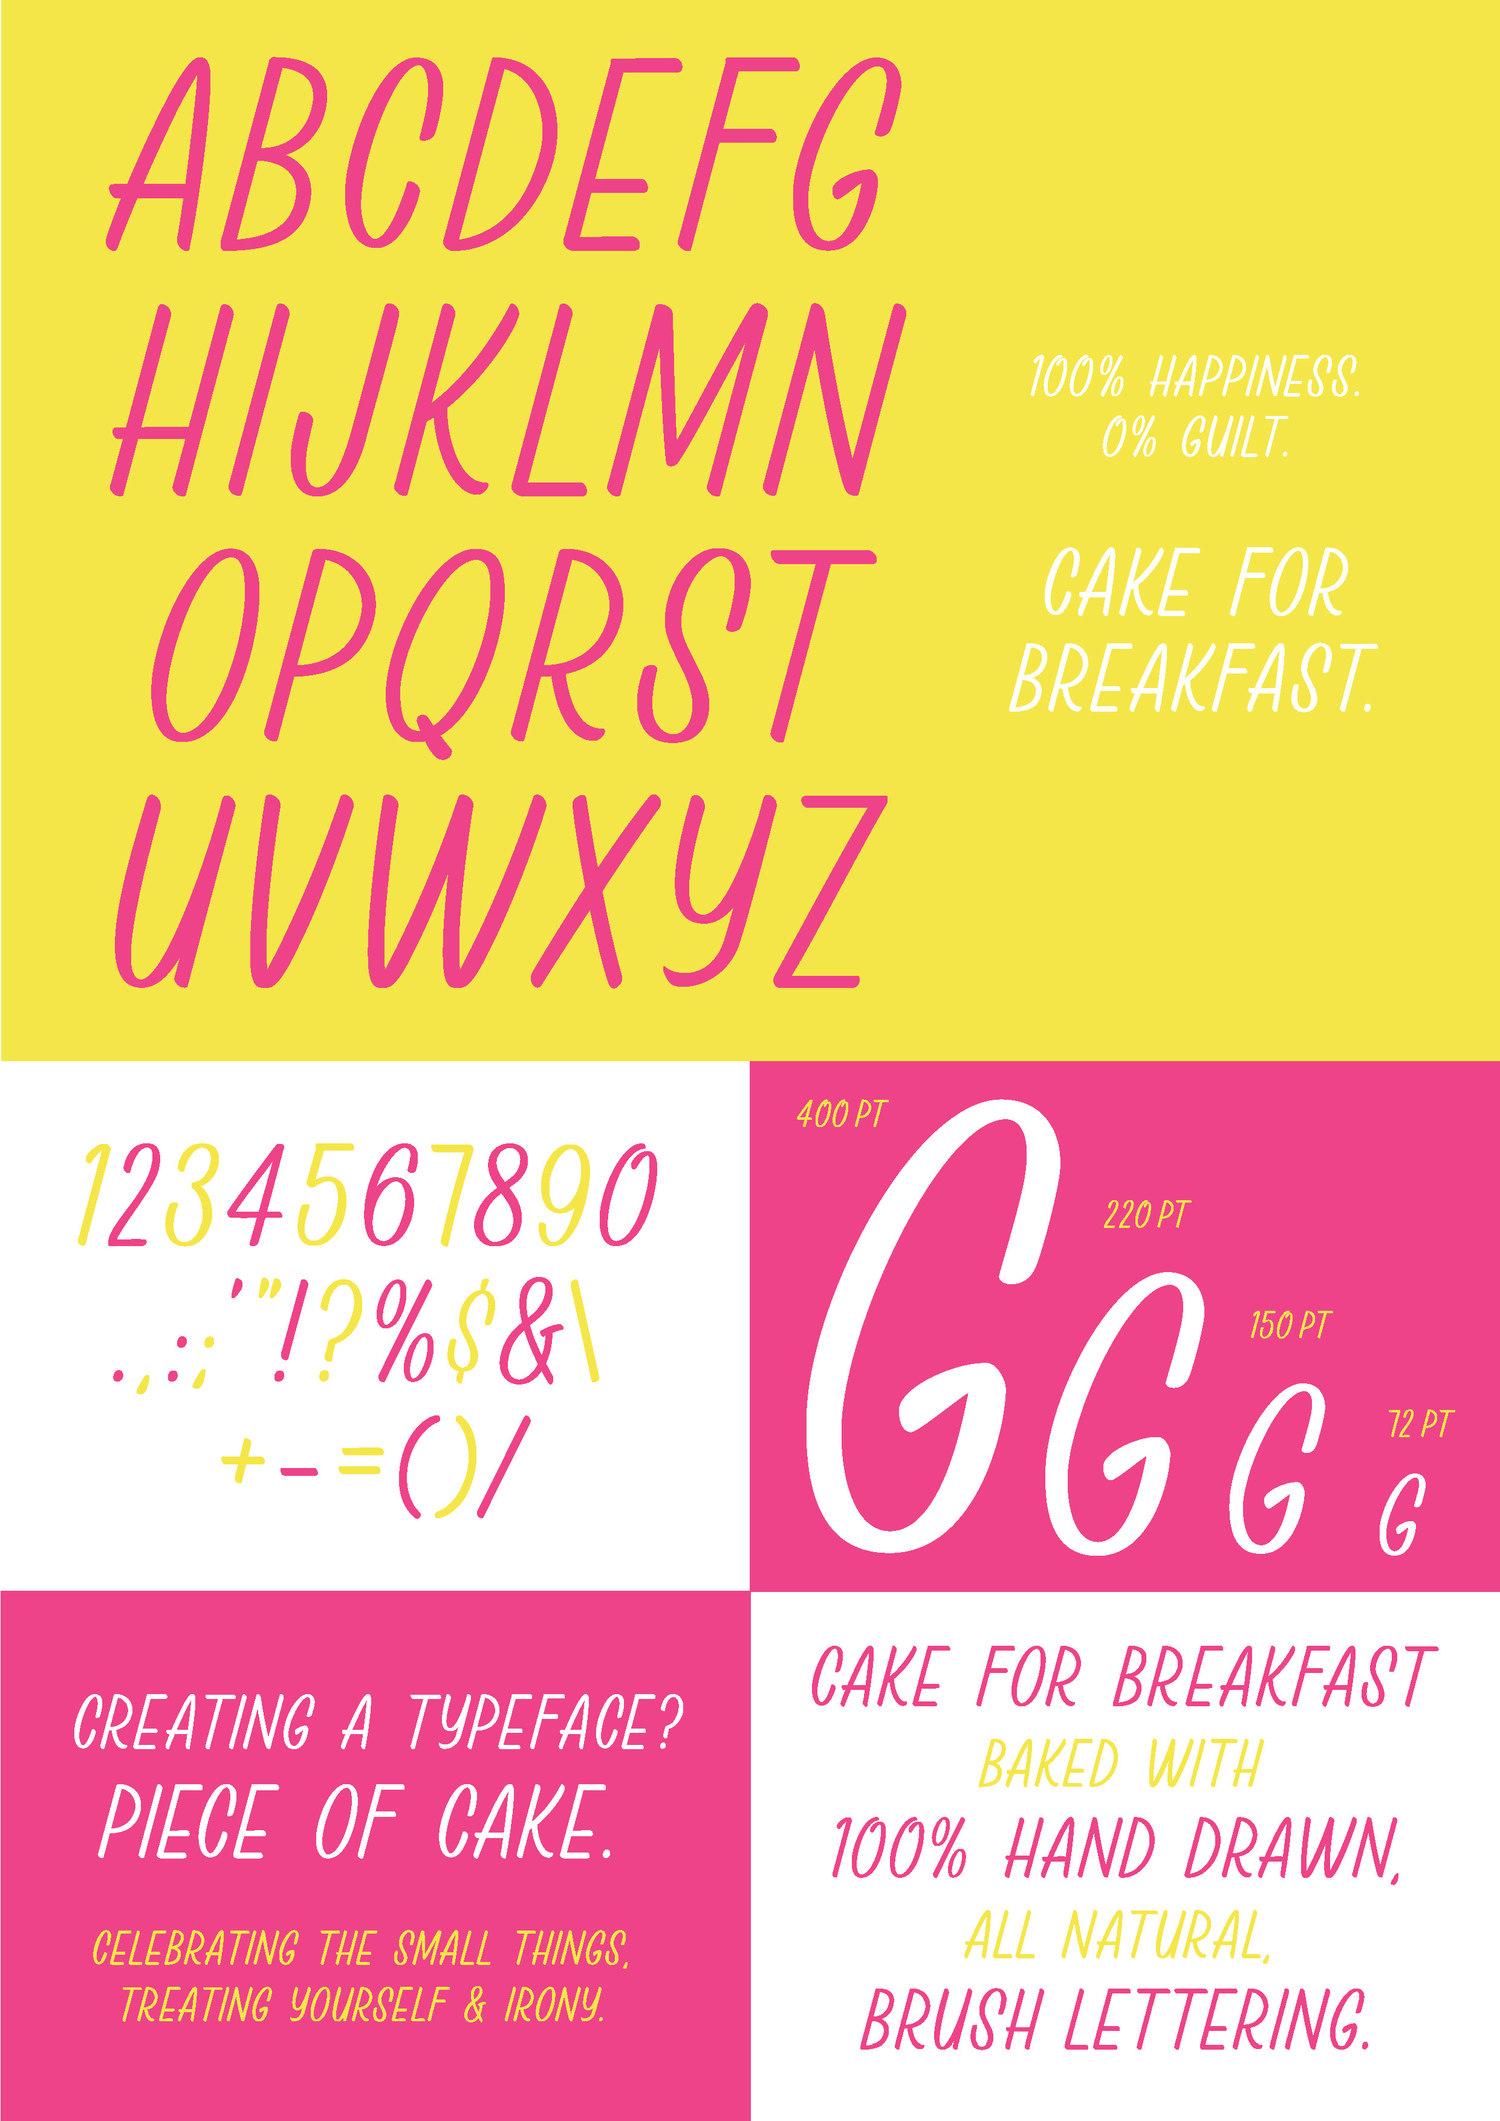 Cake+For+Breakfast+Specimen+1st+page.jpg